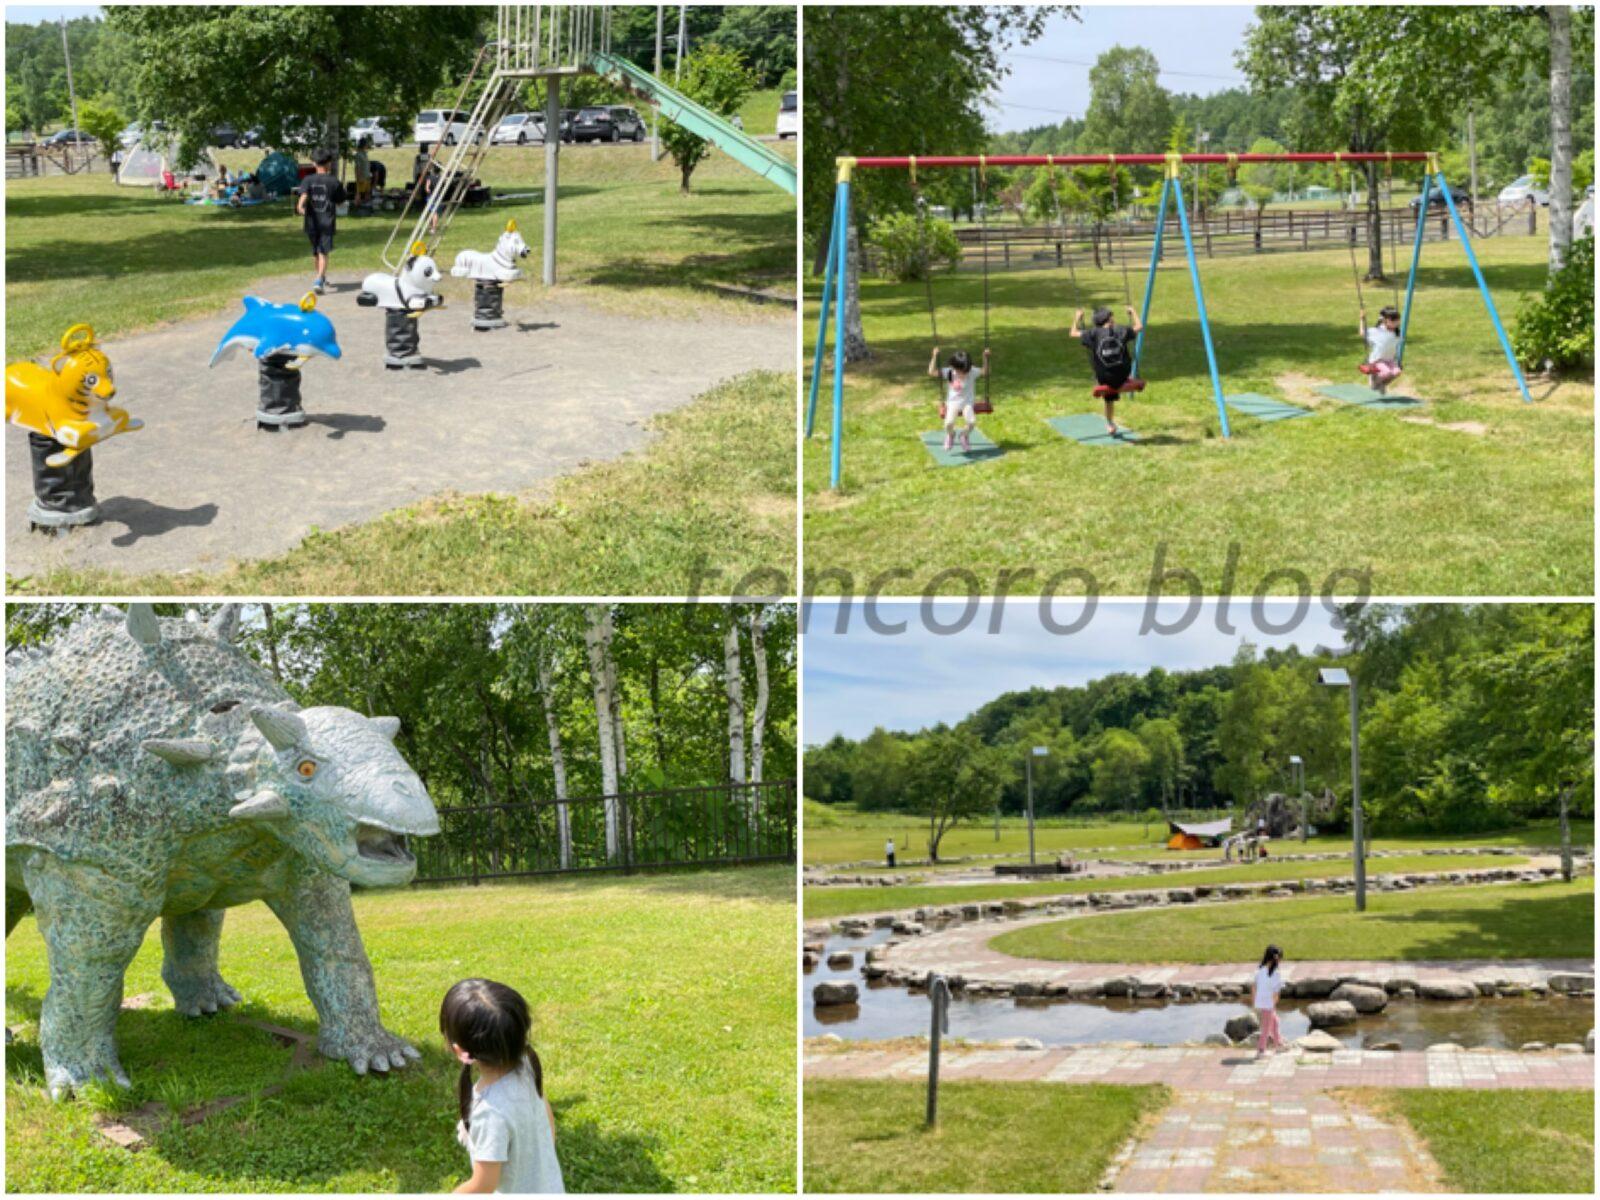 東神楽 キャンプ場 子供 遊び場 遊具 水遊び